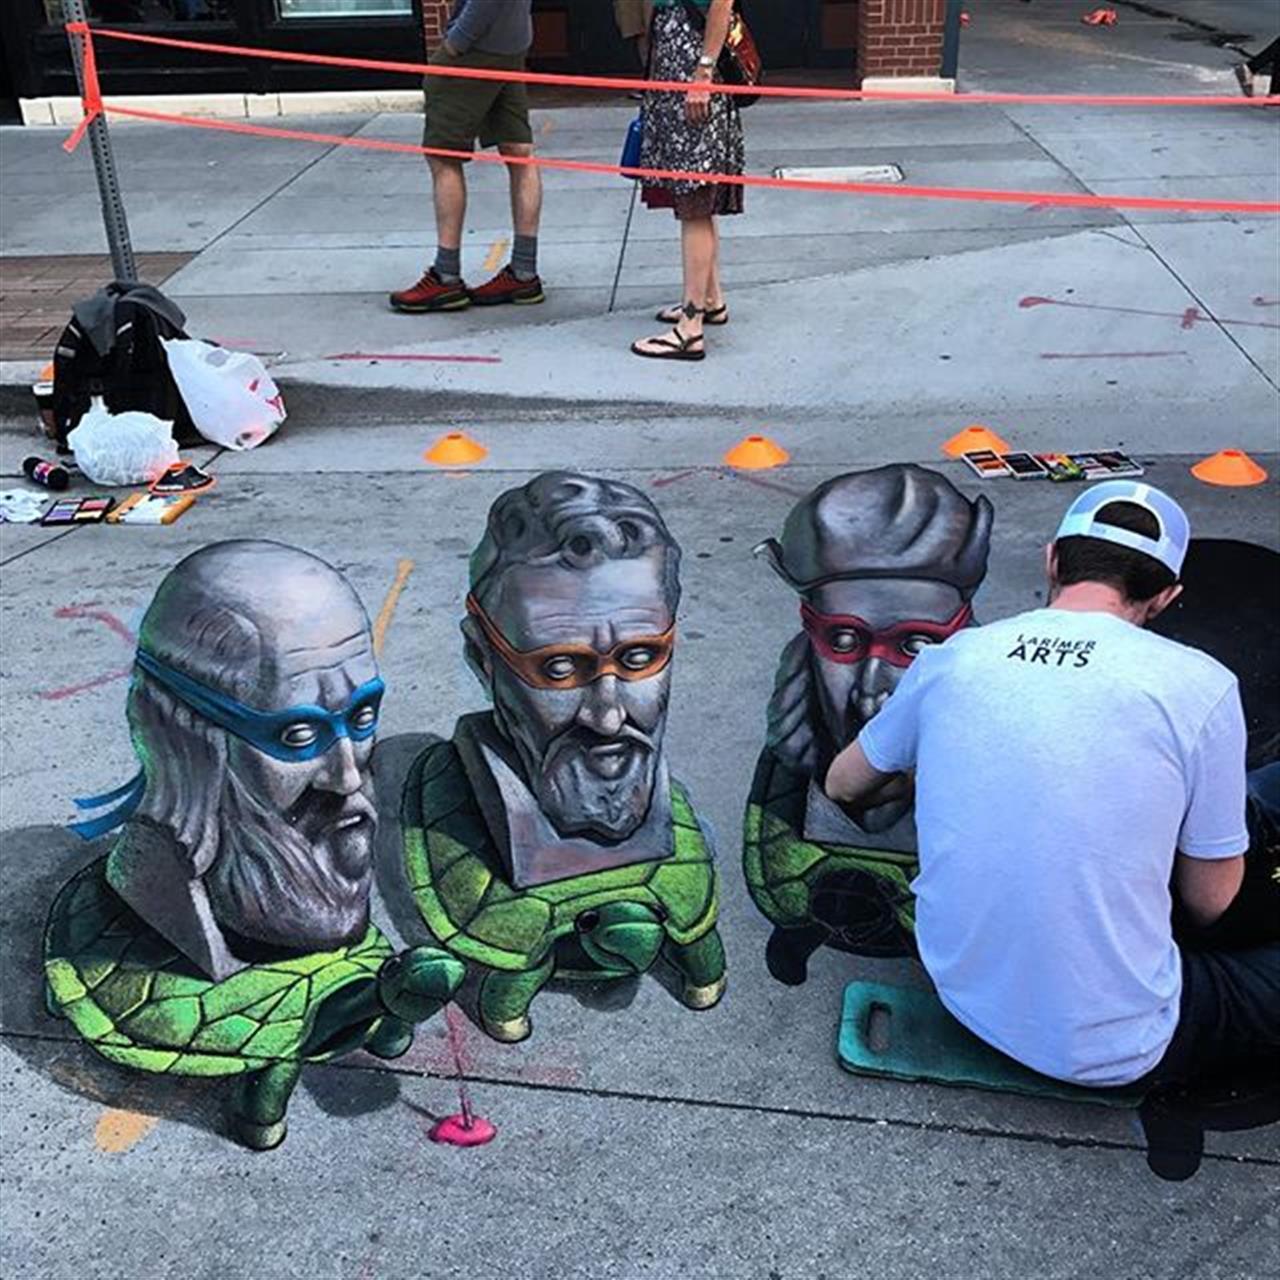 One of the 3D Chalk Art favorites from the @denverchalkart #larimersquare #denverchalkartfestival #3dart #chalkart #goexploredenver #leadingrelocal